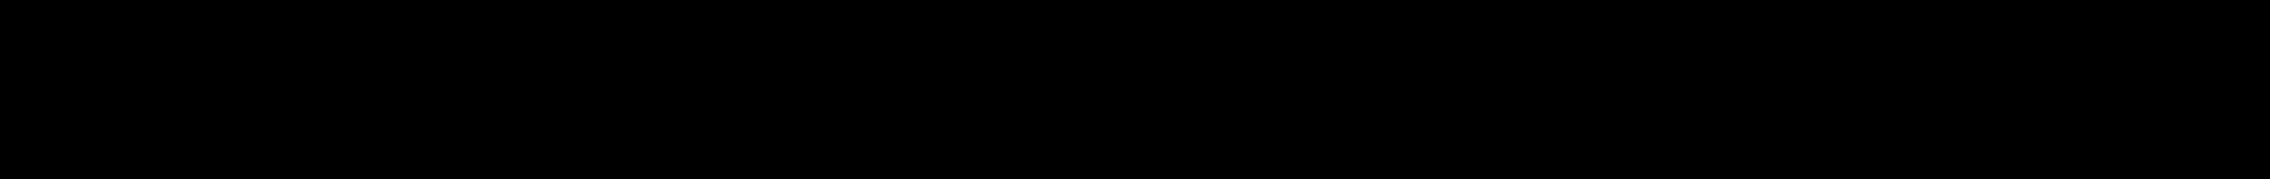 traccia gomme semplice